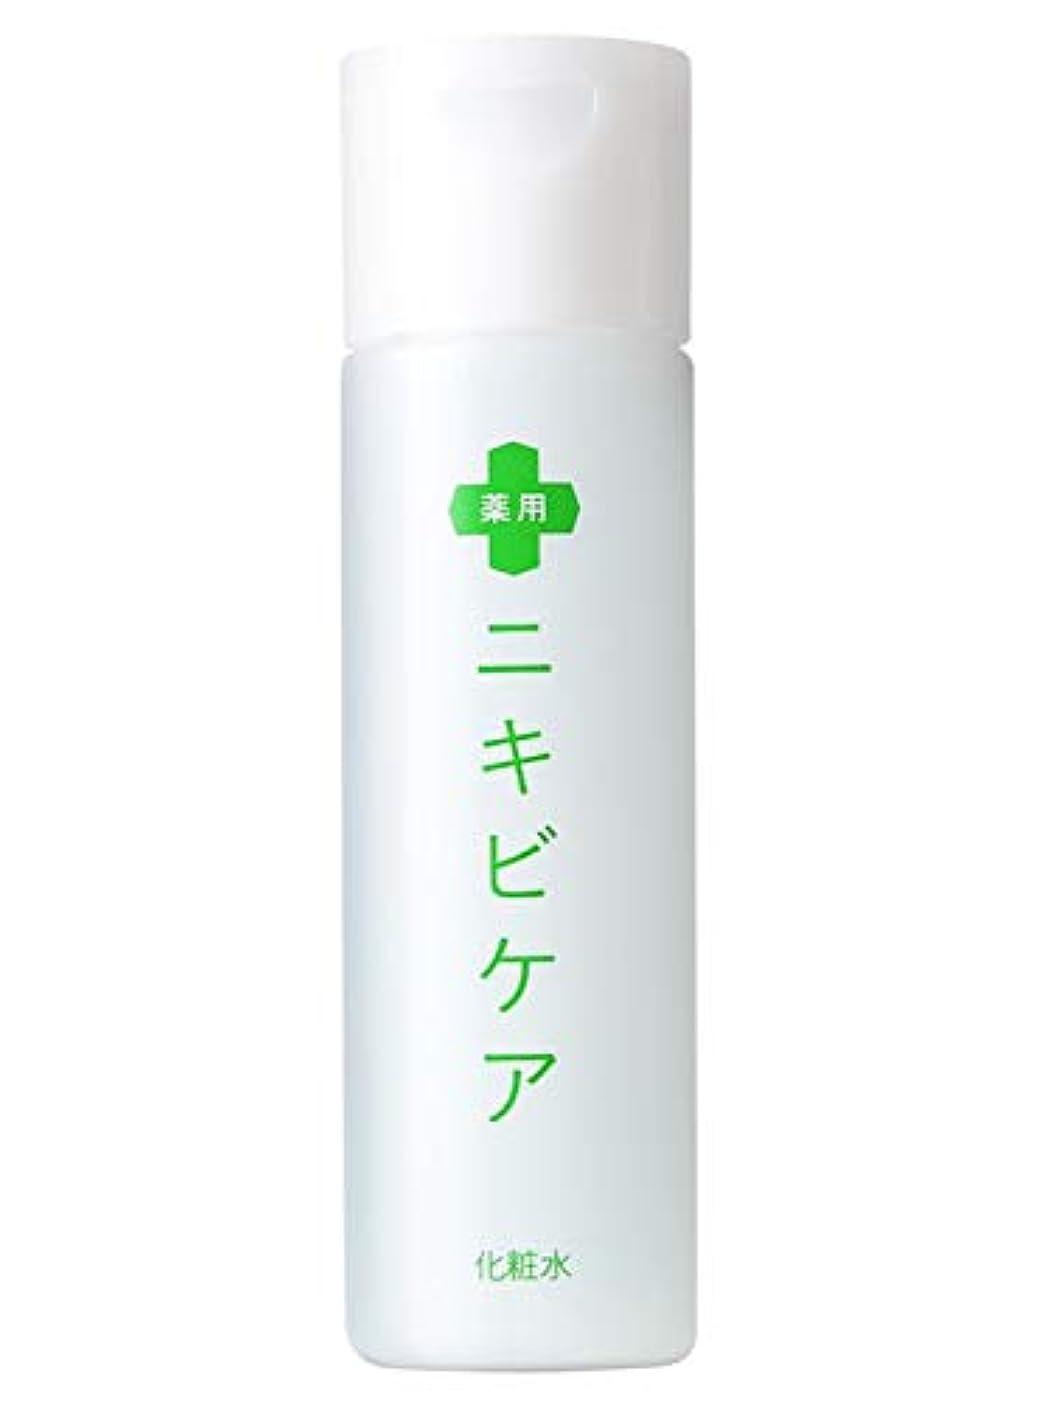 方向複雑脳医薬部外品 薬用 ニキビケア 化粧水 大人ニキビ 予防「 あご おでこ 鼻 ニキビ アクネ 対策」「 肌をひきしめサラサラに 」「 コラーゲン プラセンタ 配合 」 メンズ & レディース 120ml